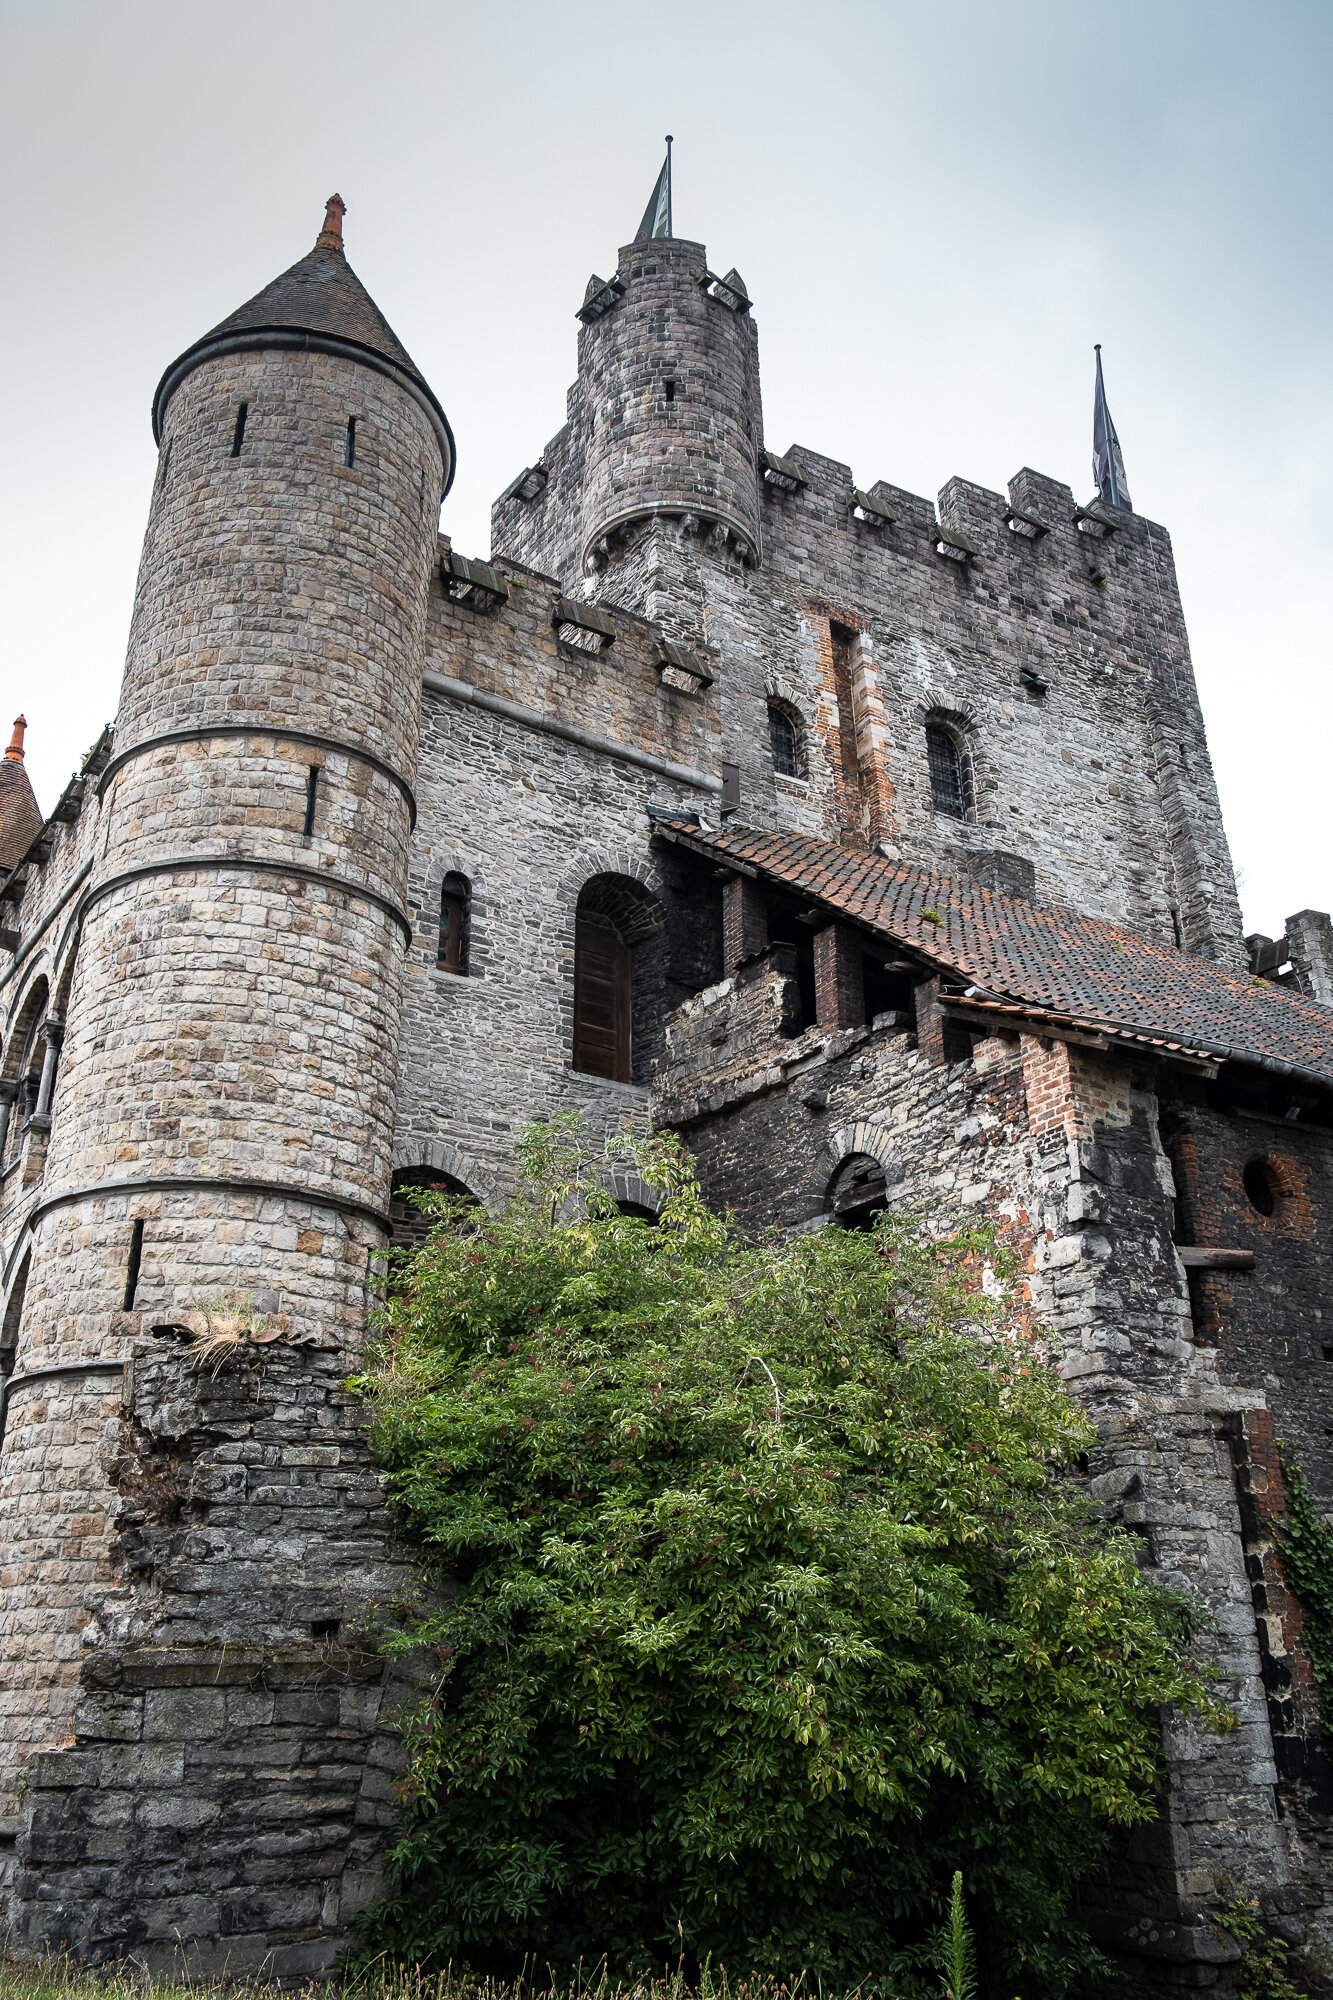 The Gravensteen inner Castle